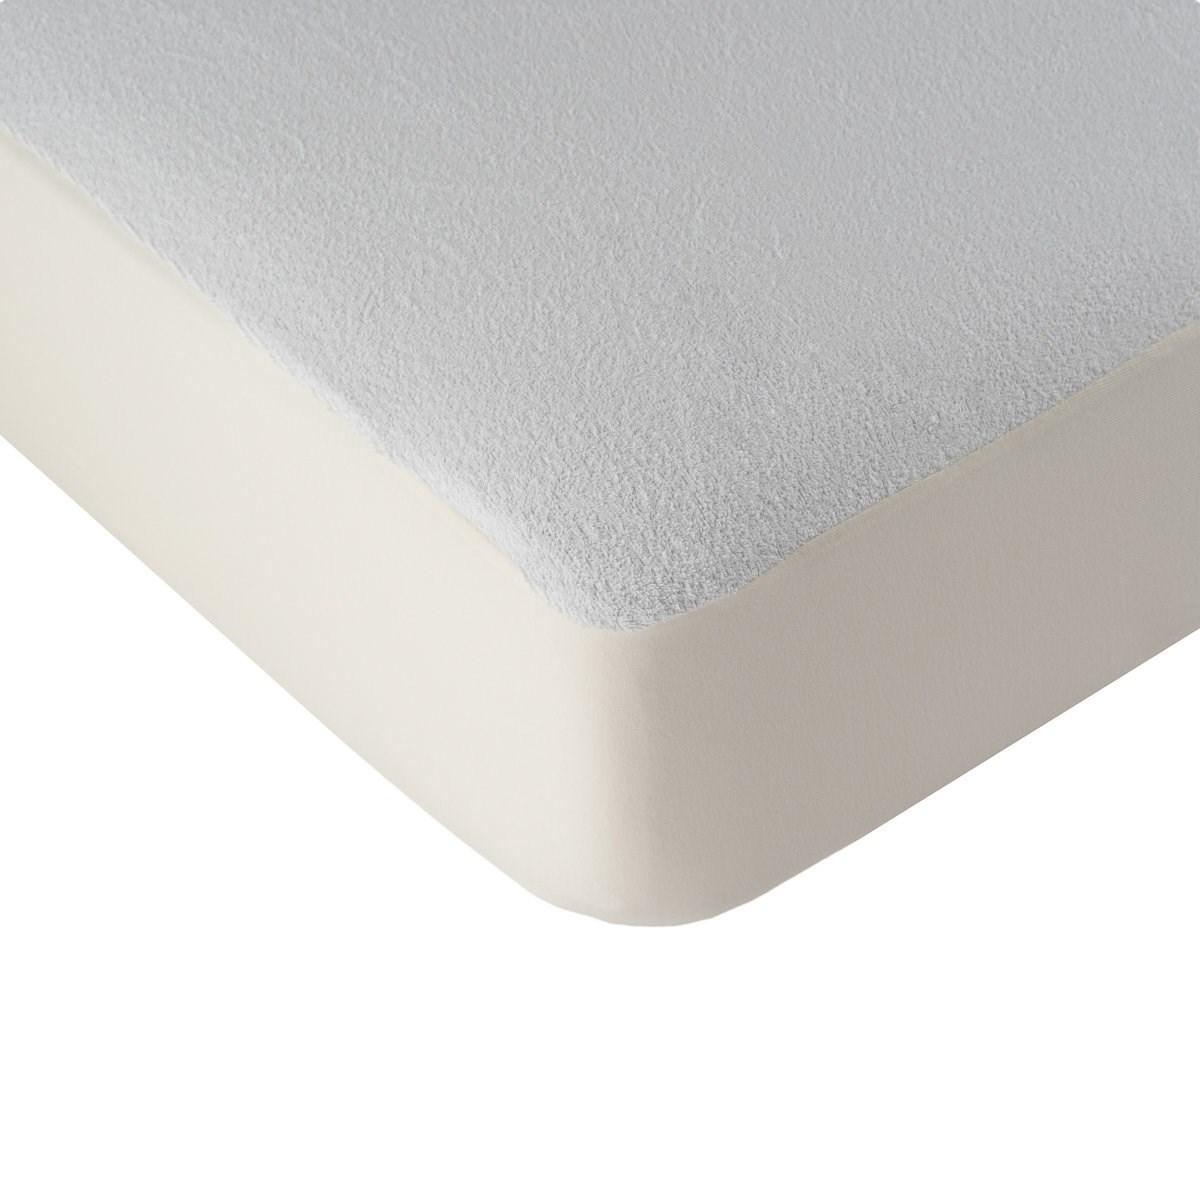 Alèse protège matelas imperméable en coton blanc 180x200 cm